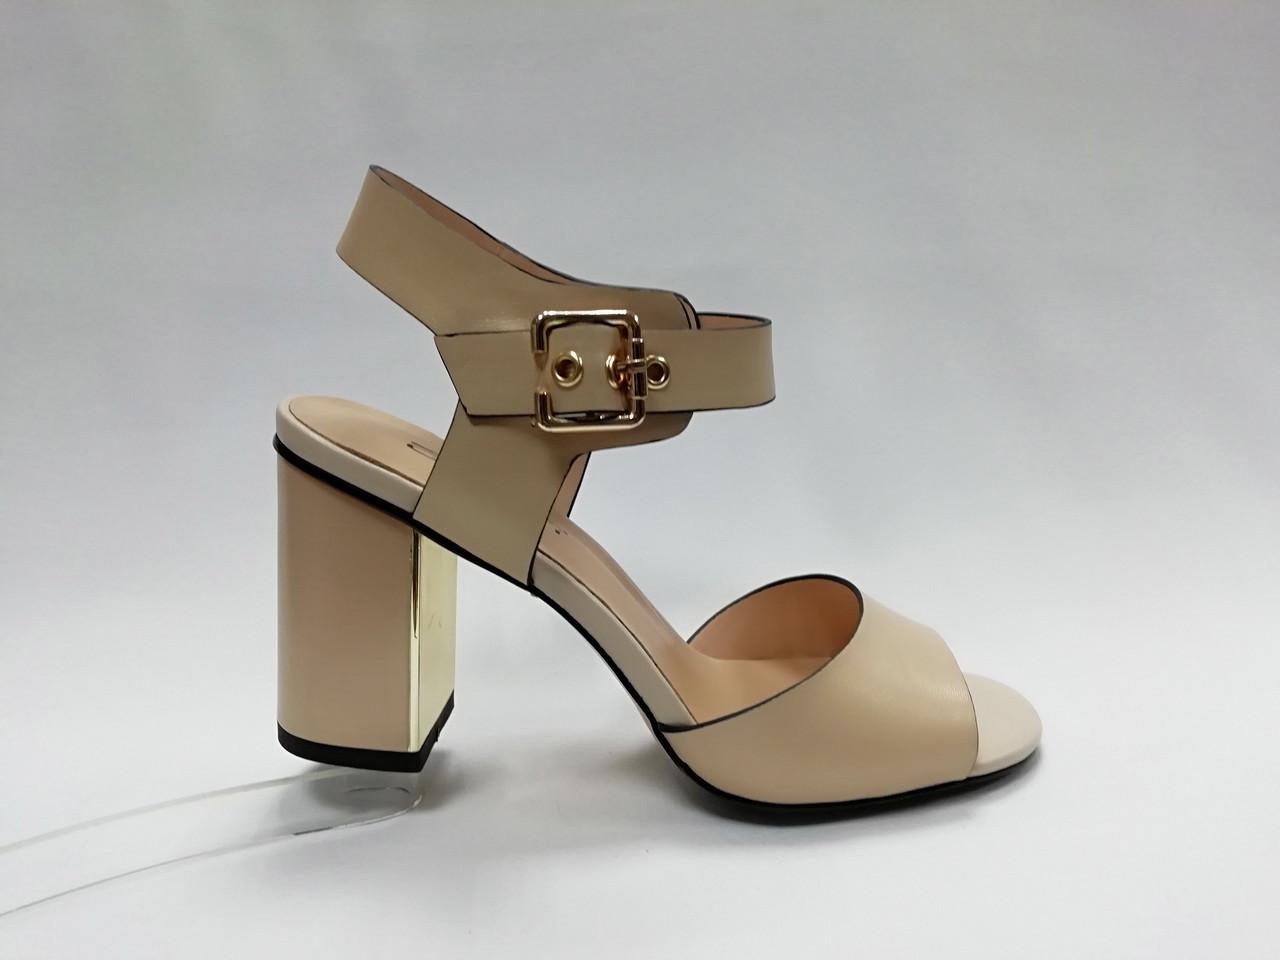 Светлые кожаные босоножки  на каблуке.